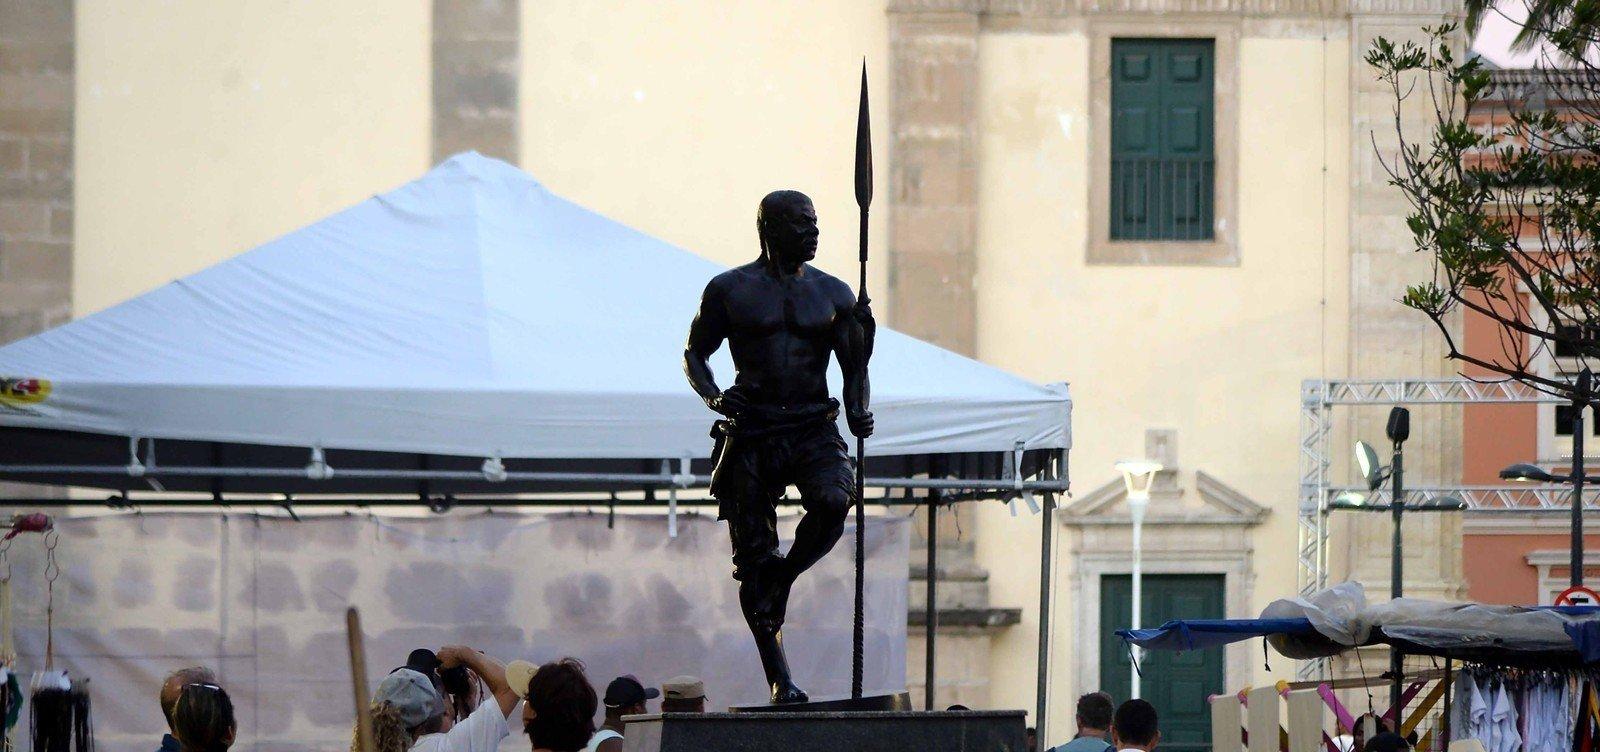 Estátua de Zumbi dos Palmares recebe nova lança após furto